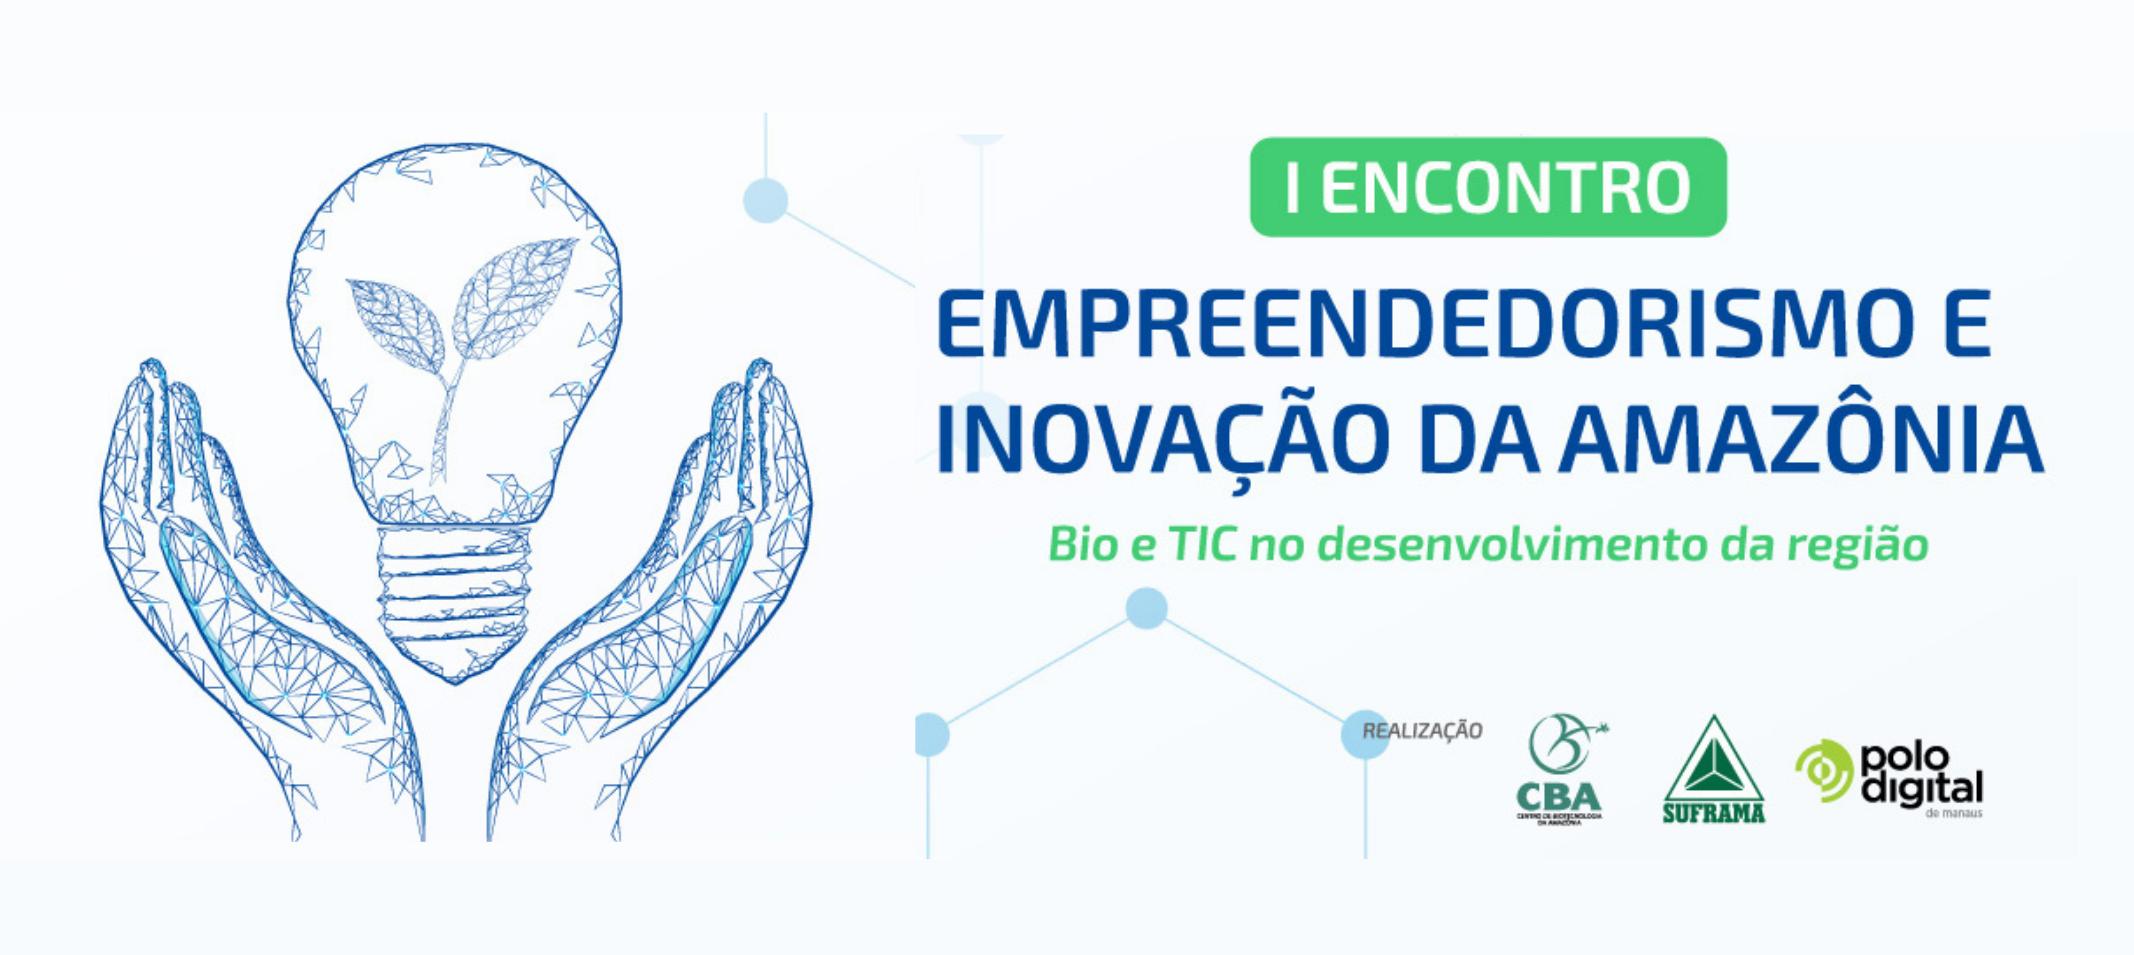 Ufam participa do I Encontro de Empreendedorismo e Inovação da Amazônia